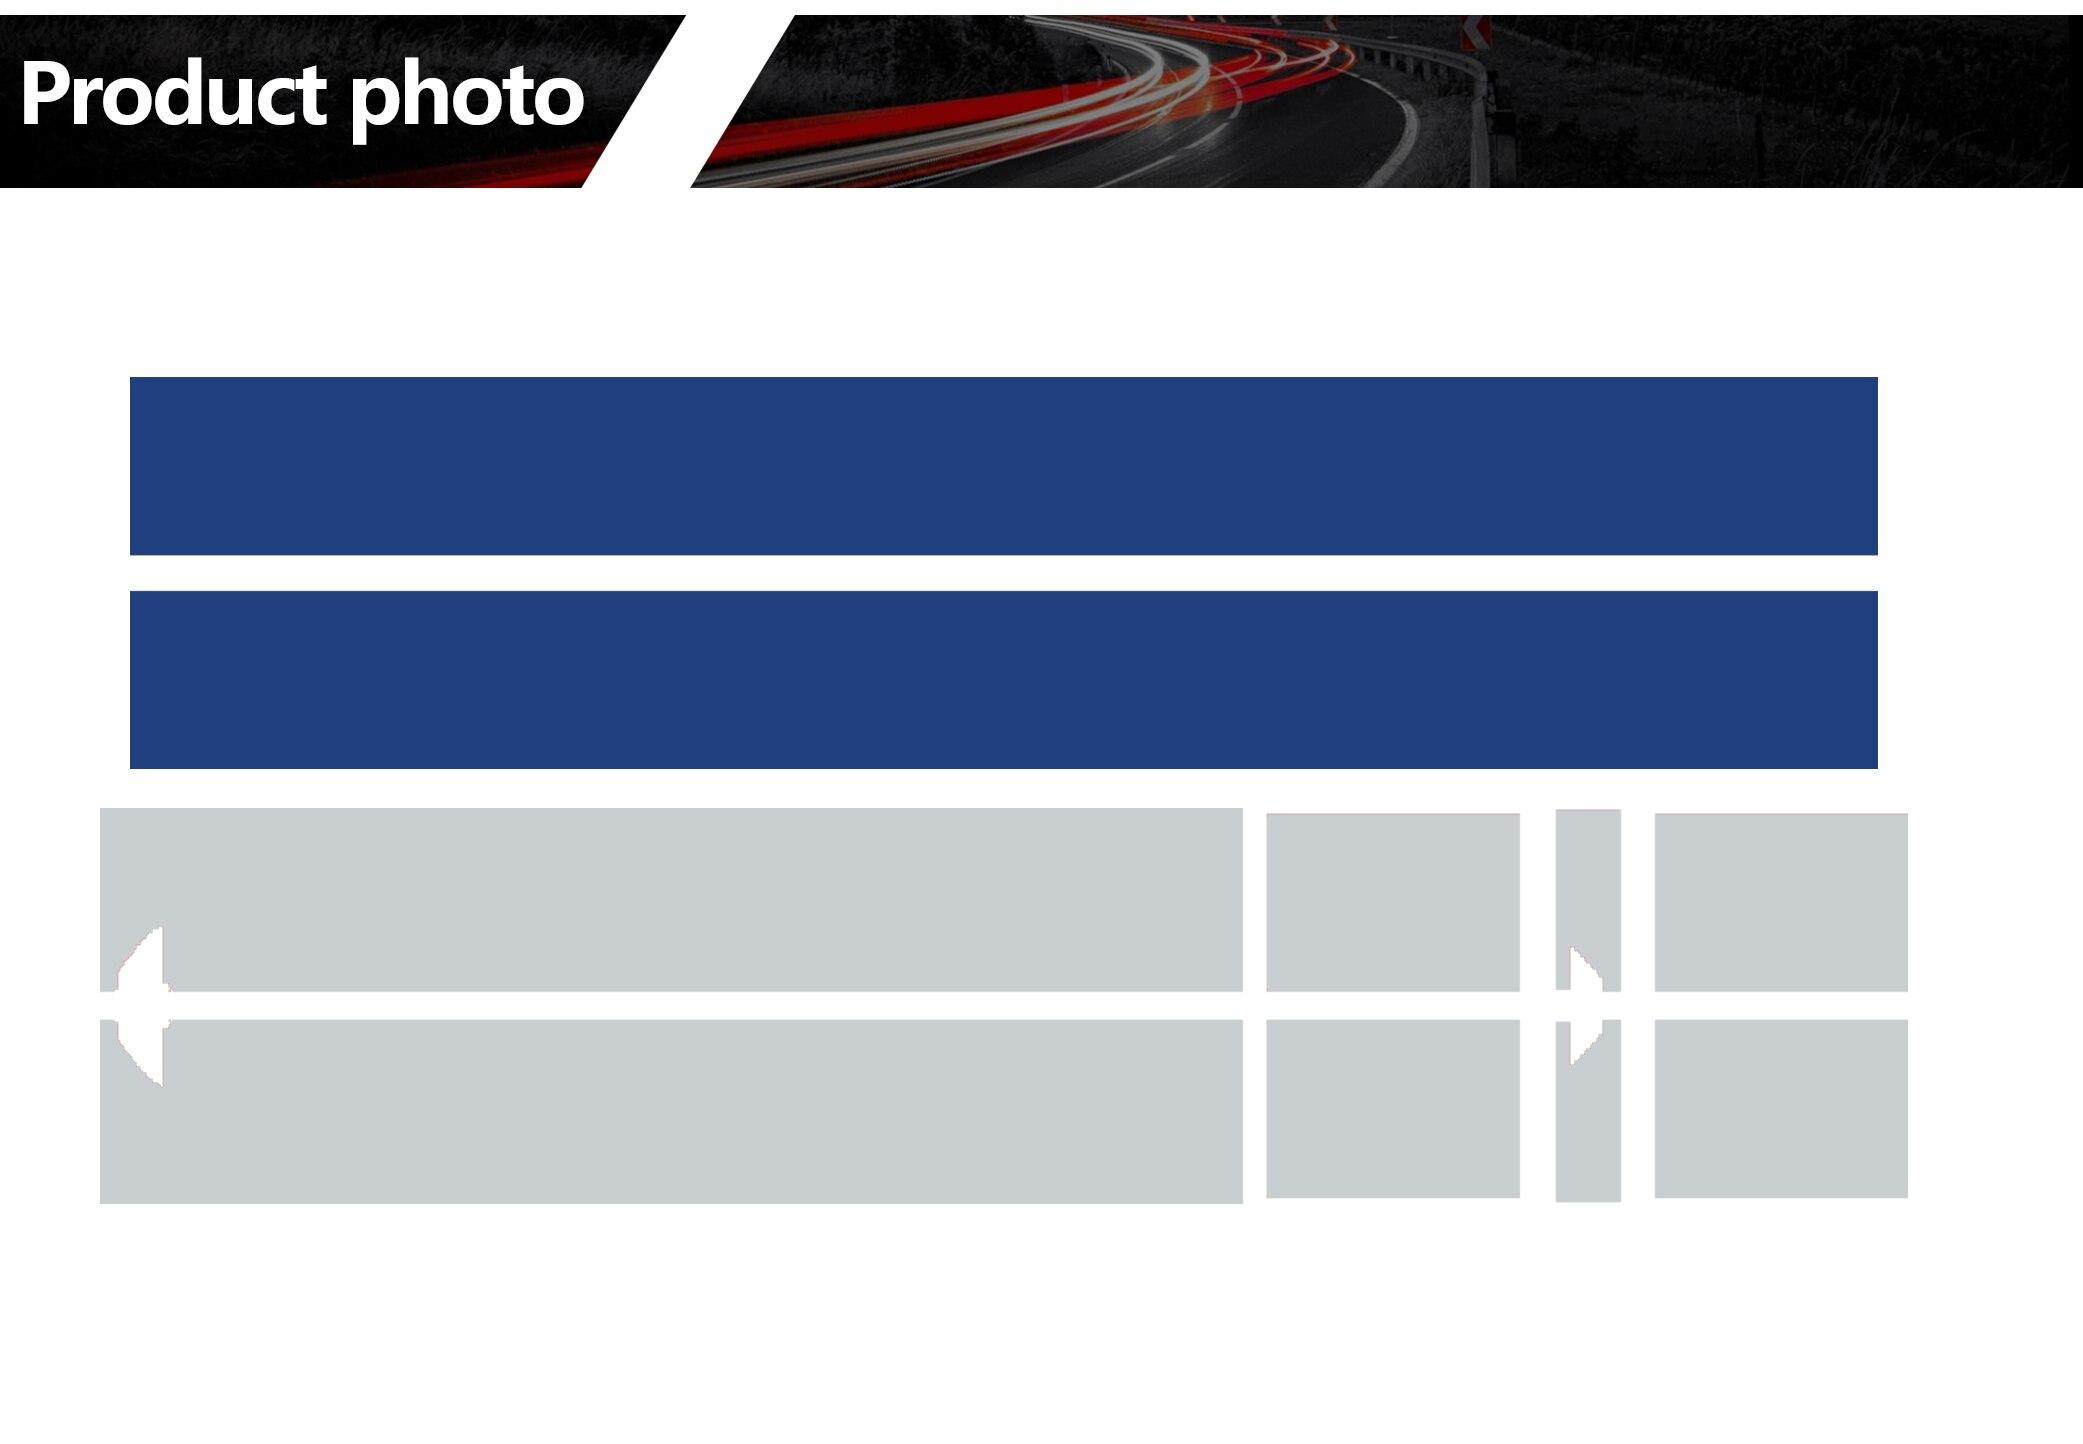 Наклейка на капот автомобиля капот полосы крыши задняя крышка двигателя стикер для мини-купе R58 Cooper S JCW Джон Купер работает аксессуары